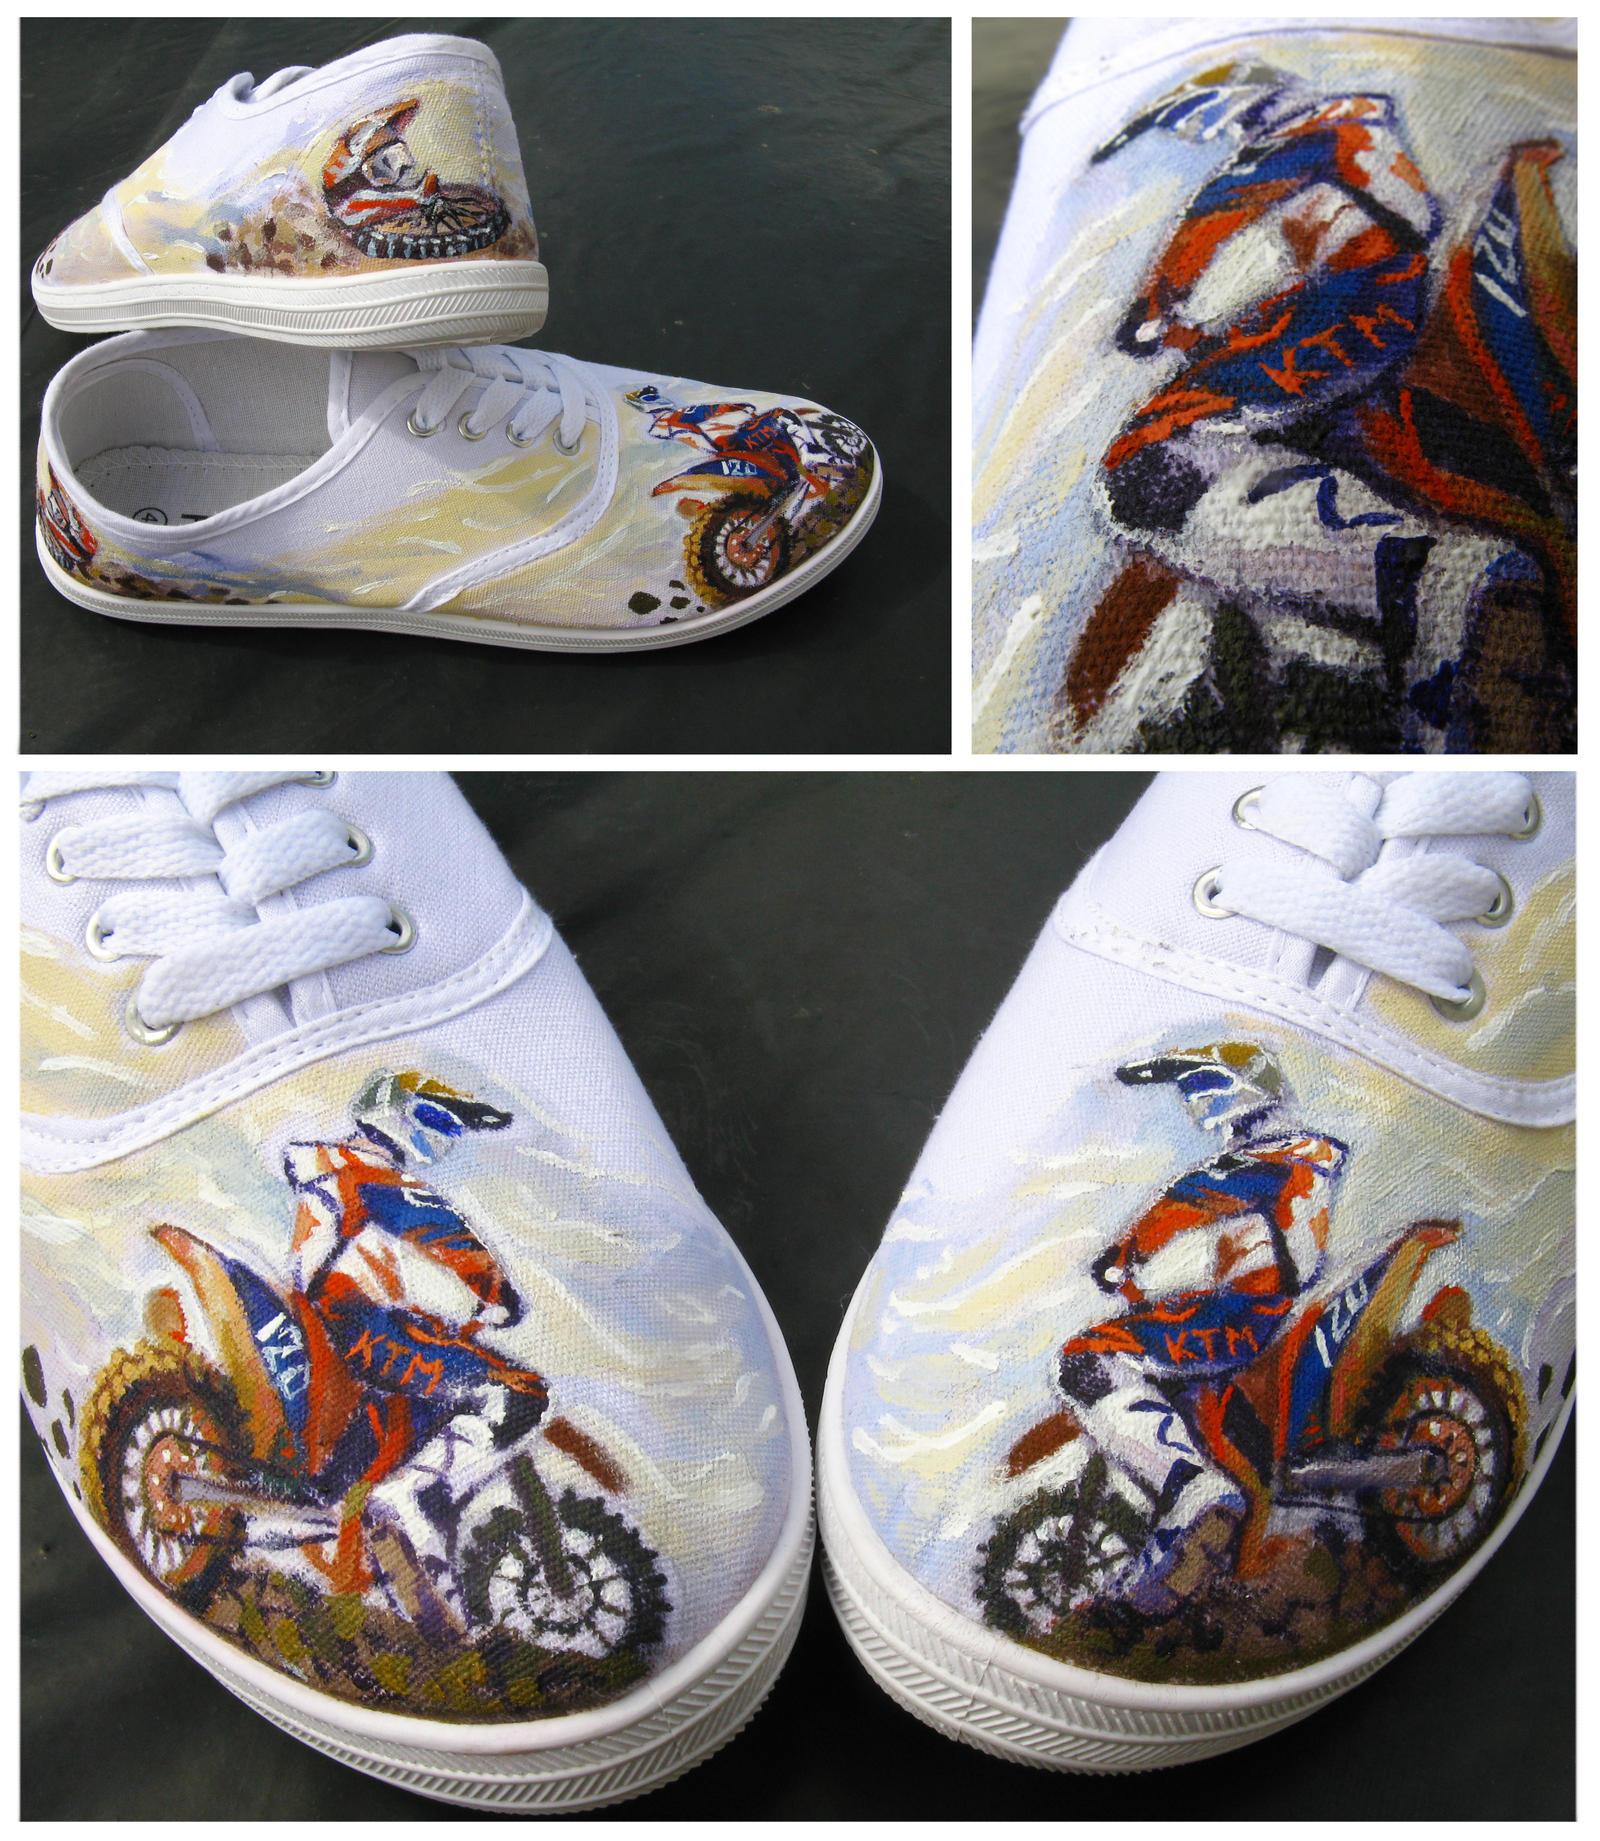 erkända varumärken billig elegant Motocross- Sneakers by XxanaA on DeviantArt